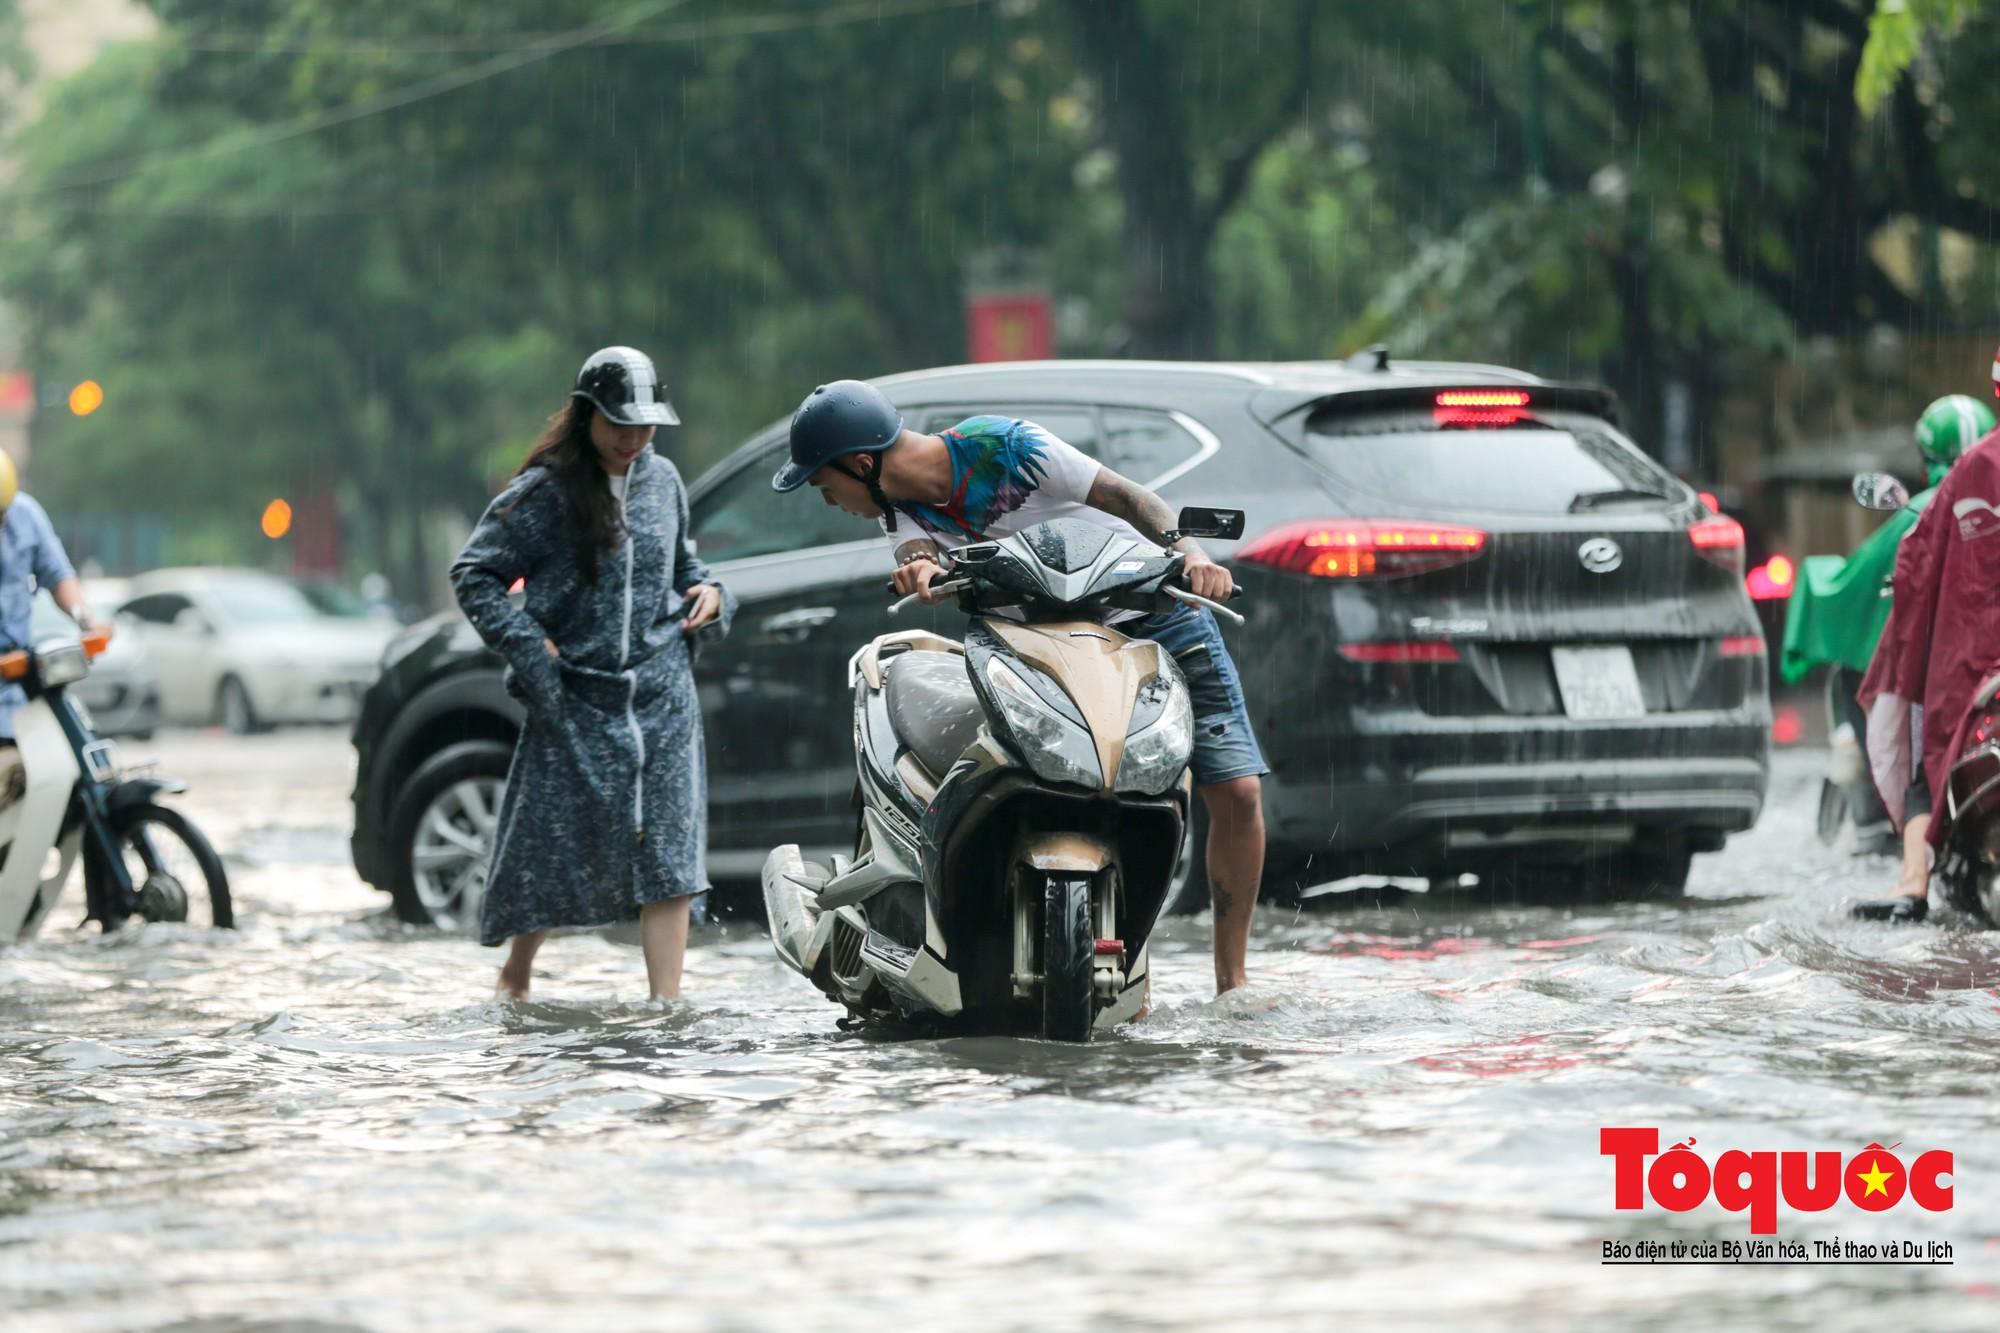 Hà Nội mưa lớn bất ngờ, nhiều tuyến đường lại ngập trong sâu biển nước5